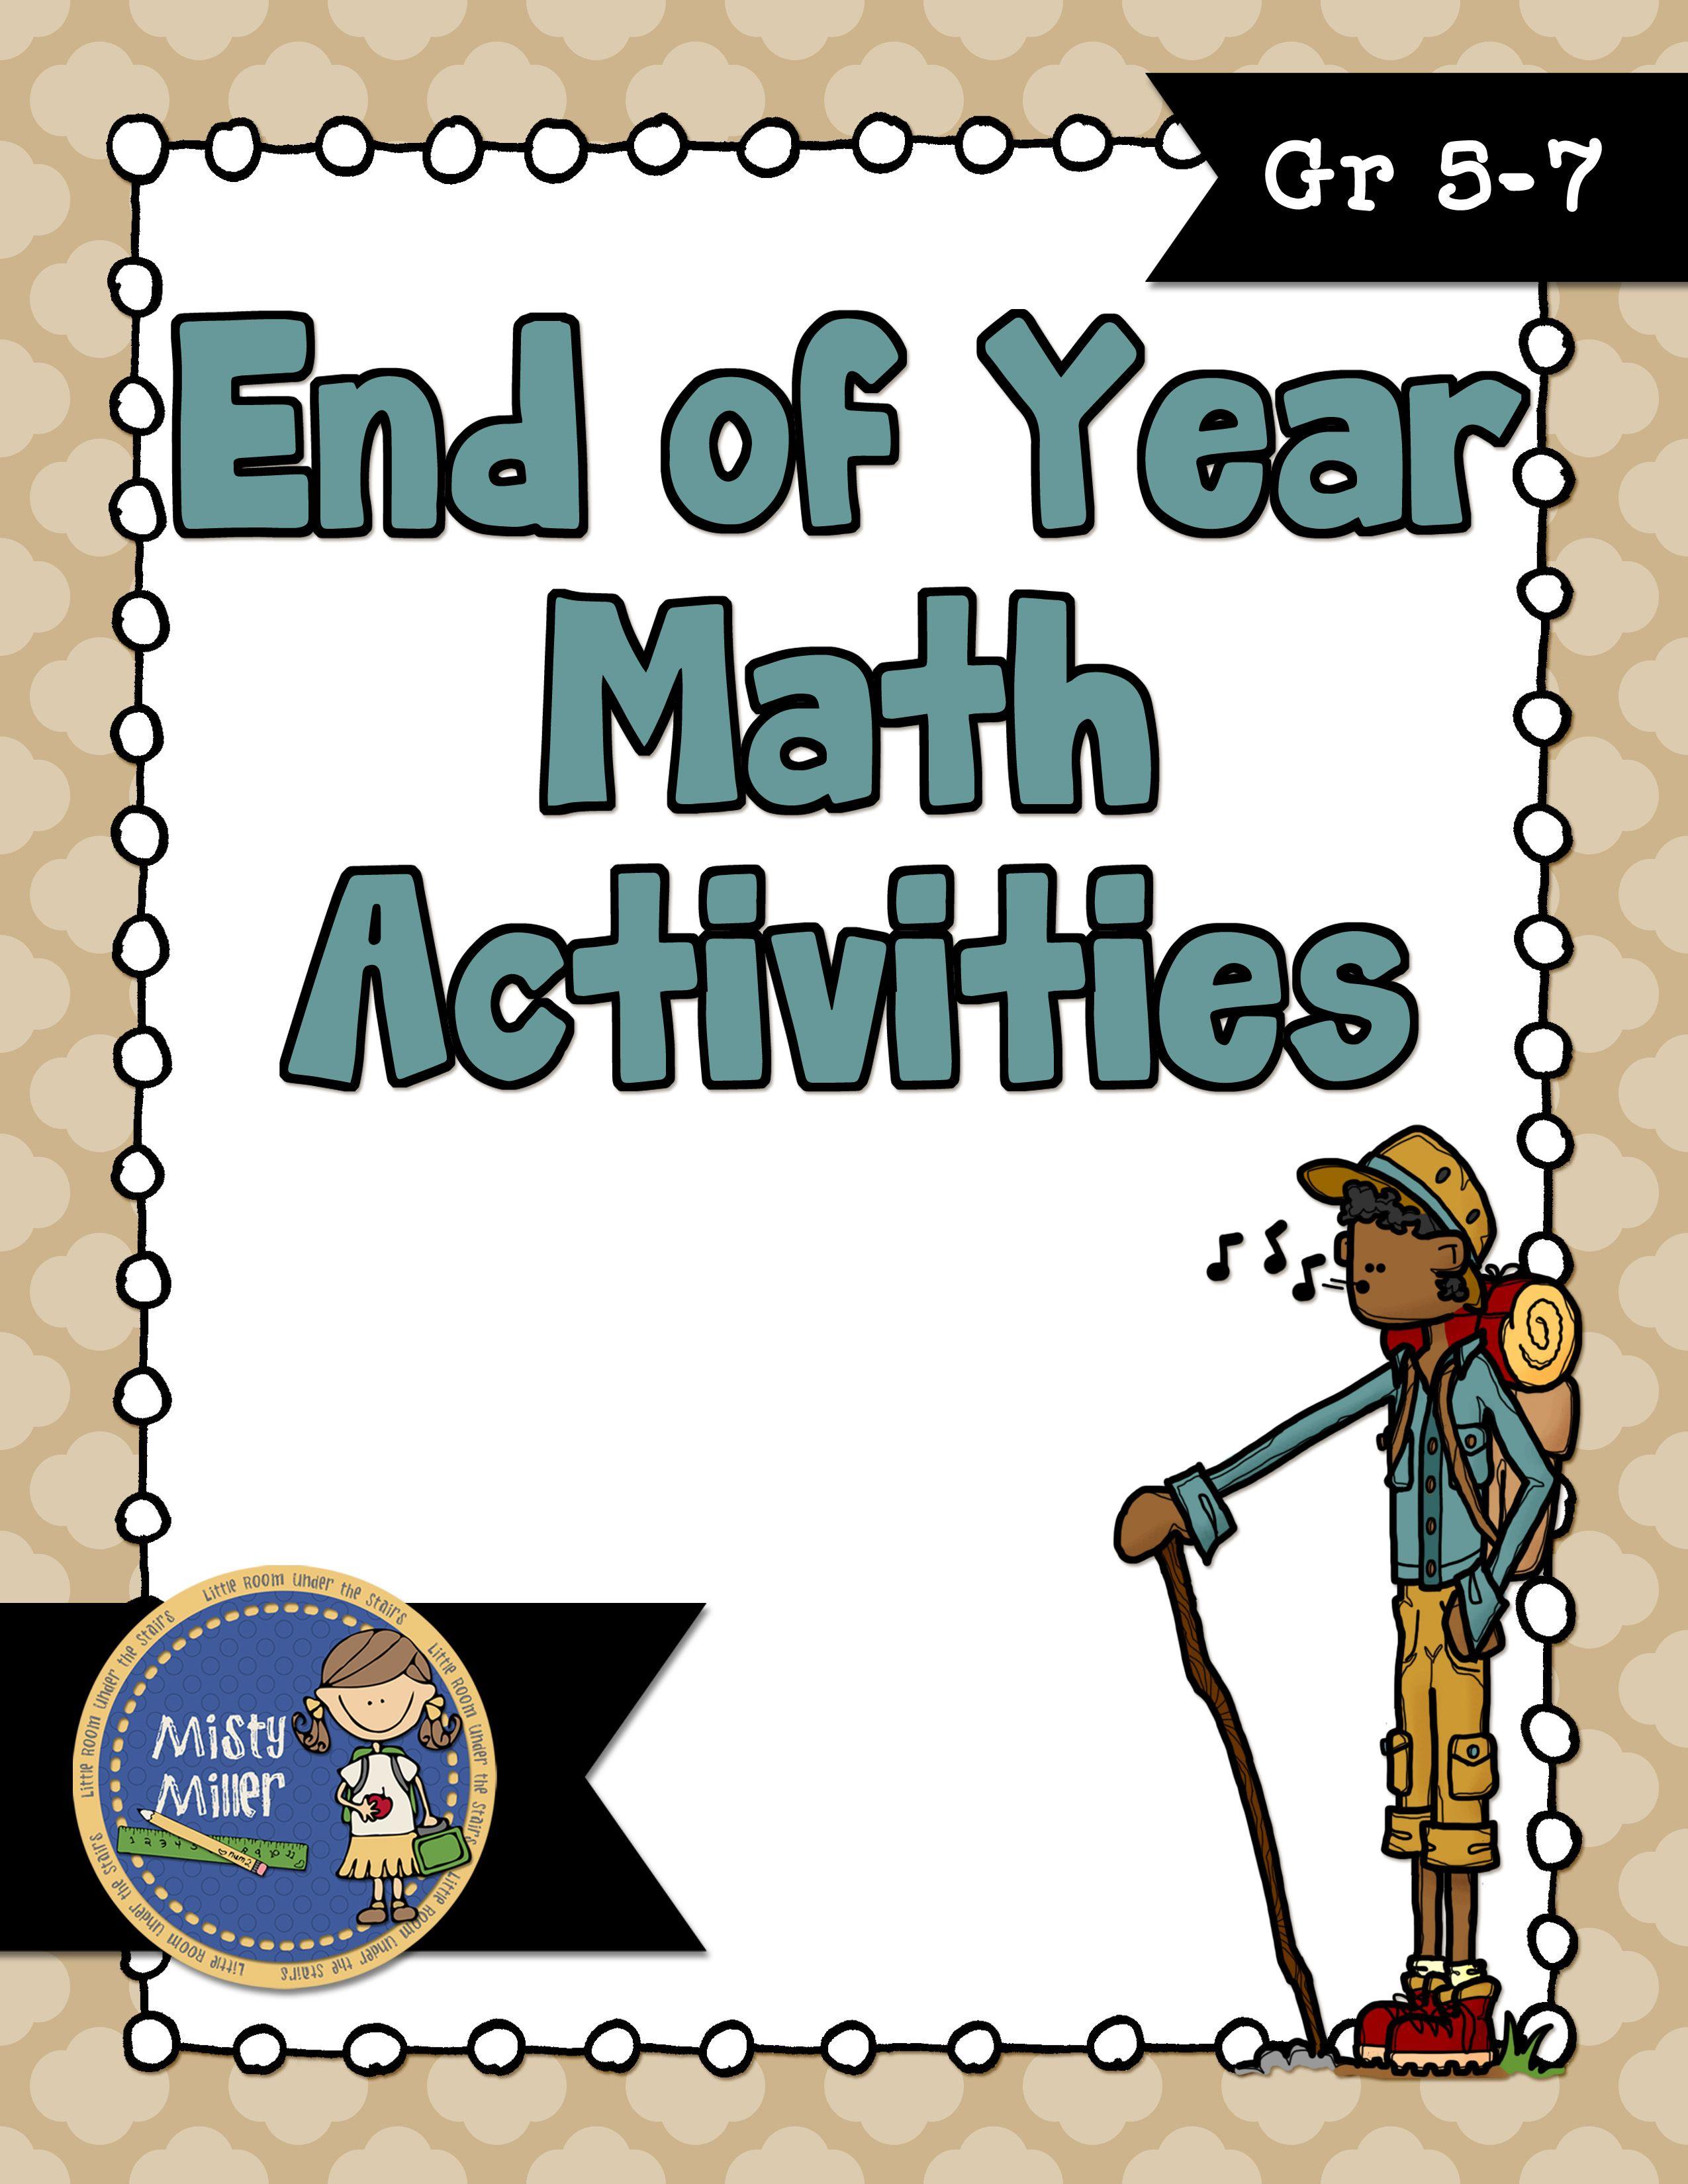 End Of Year Math Activities Includes Six Math Activities Gr 5 7 Https Www Teacherspayteachers Com Product End Of Year Ma Math Activities Math Learning Math [ 3300 x 2550 Pixel ]